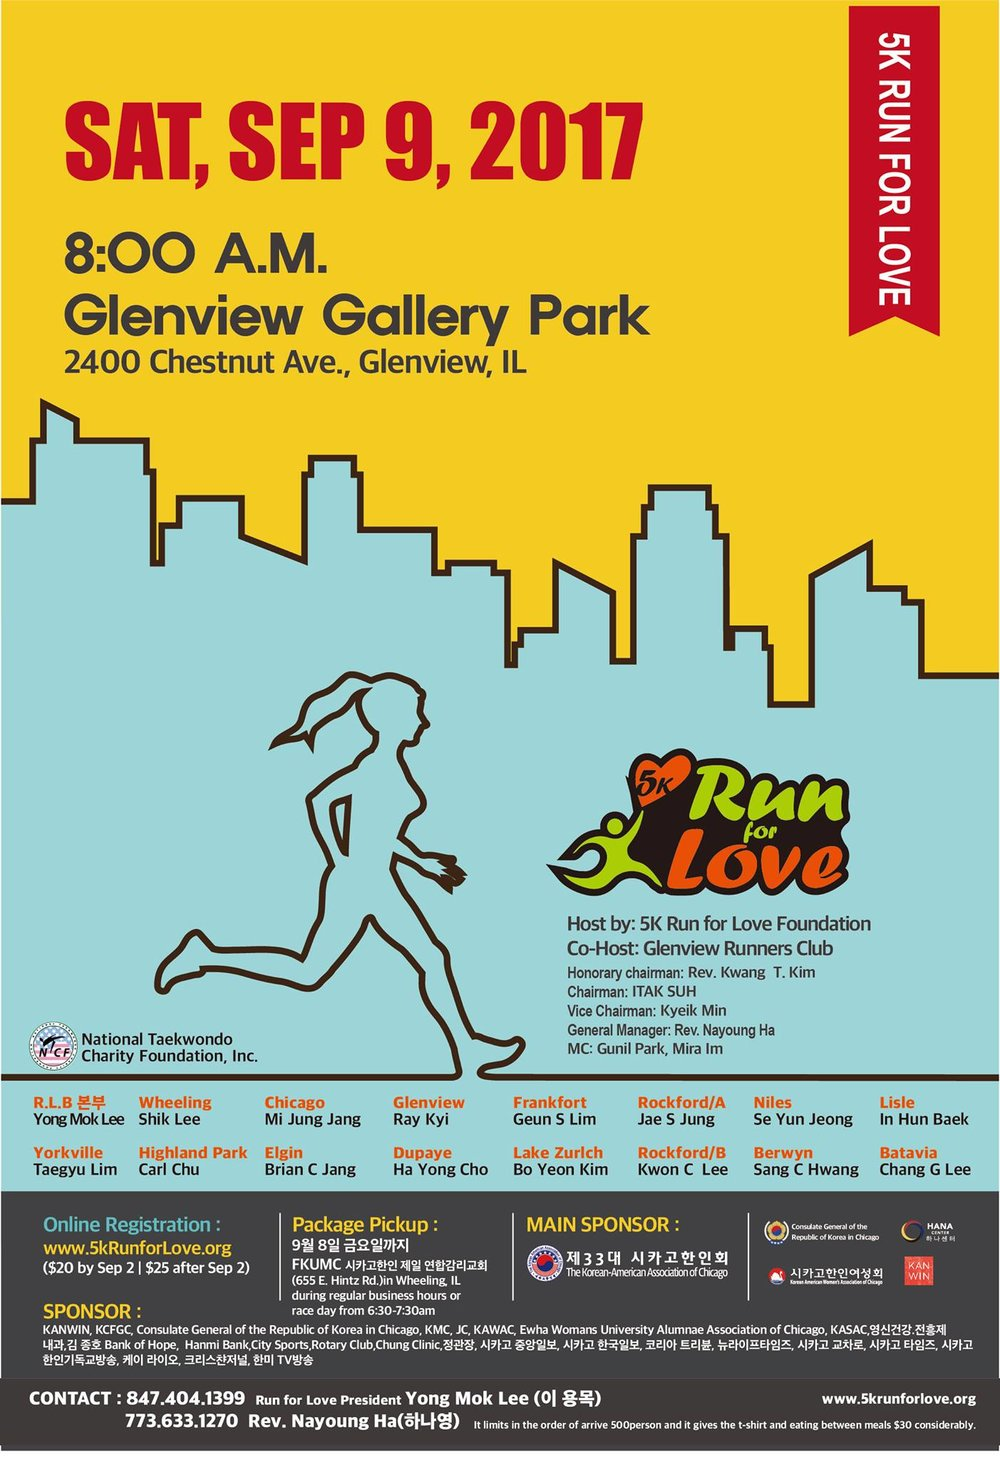 run for love 5k.jpg